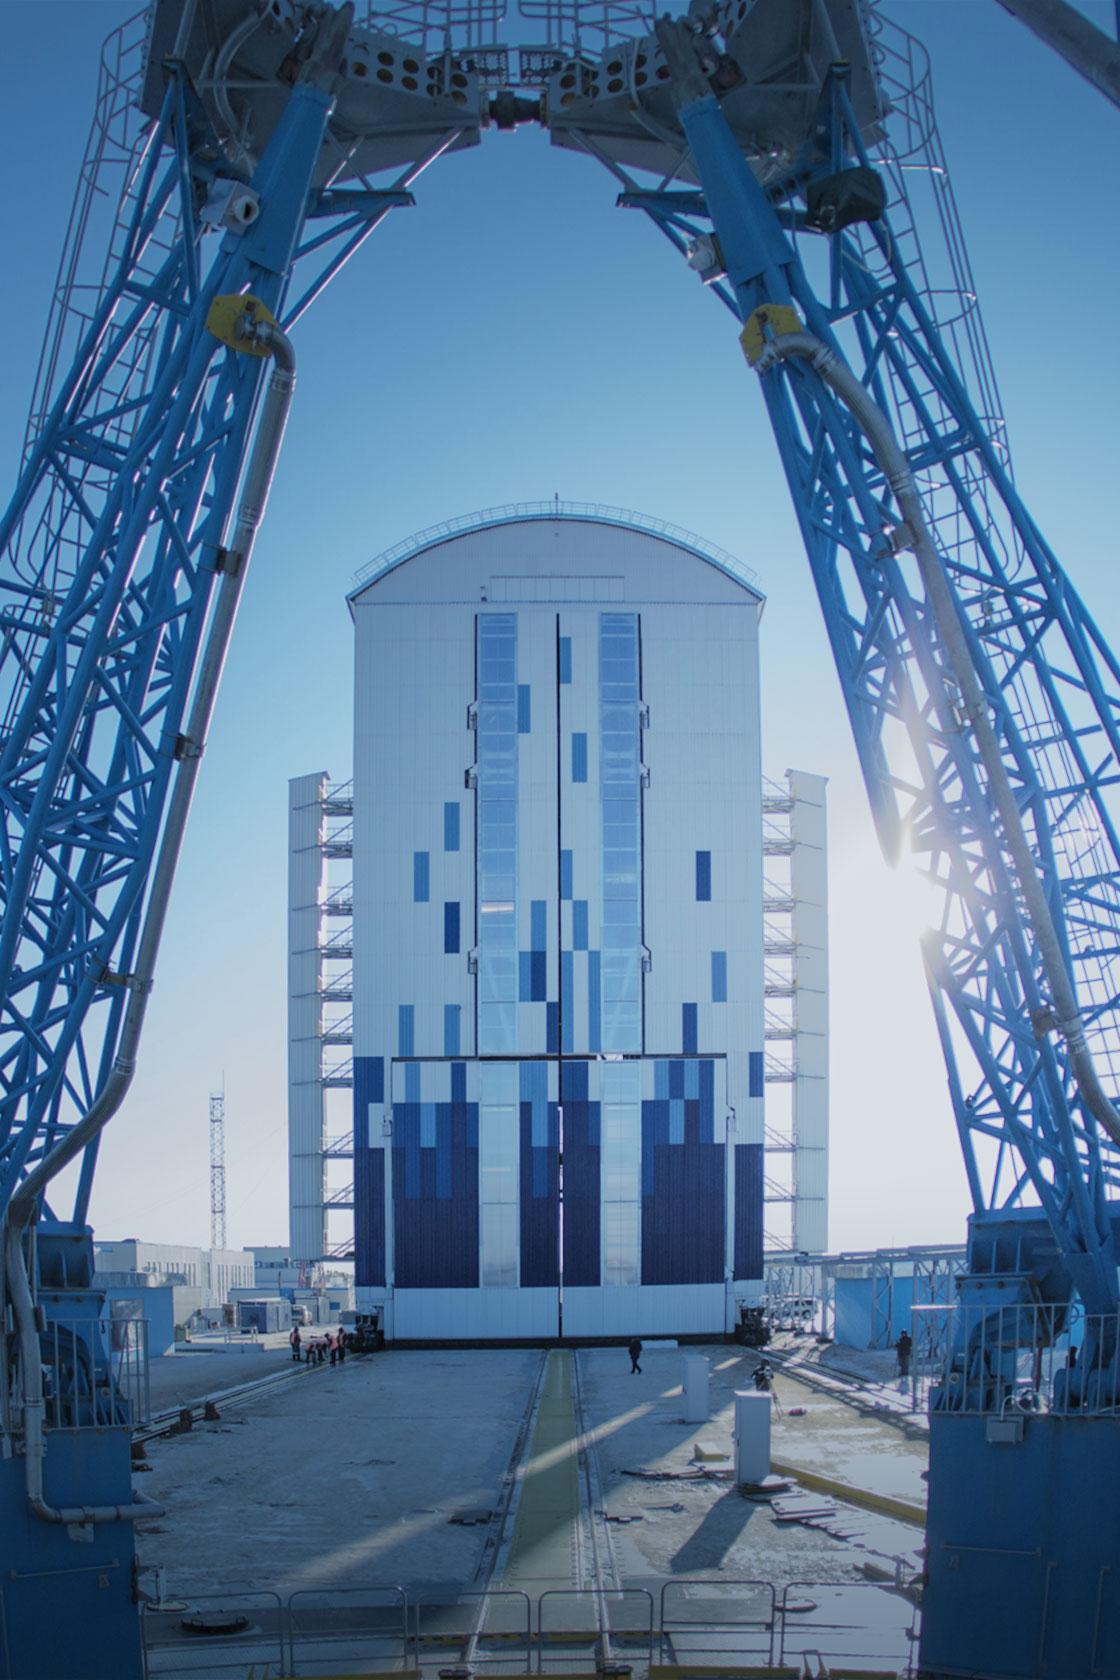 Vostoçnıy uzay üssünden ilk roket fırlatıldı 59